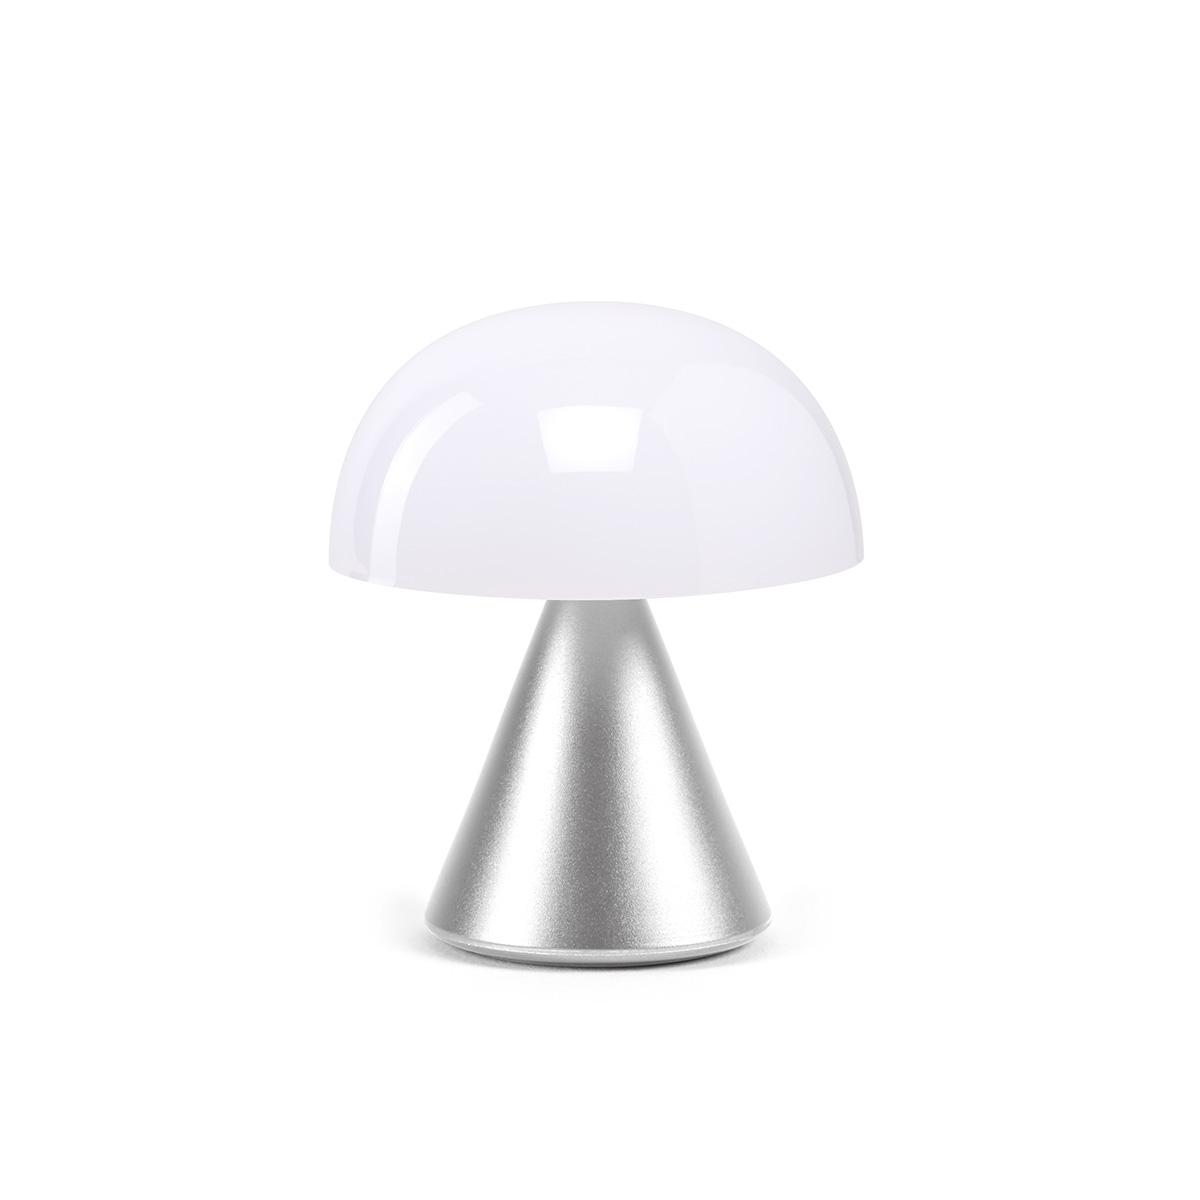 MINA mini lampe Lexon design KESKES